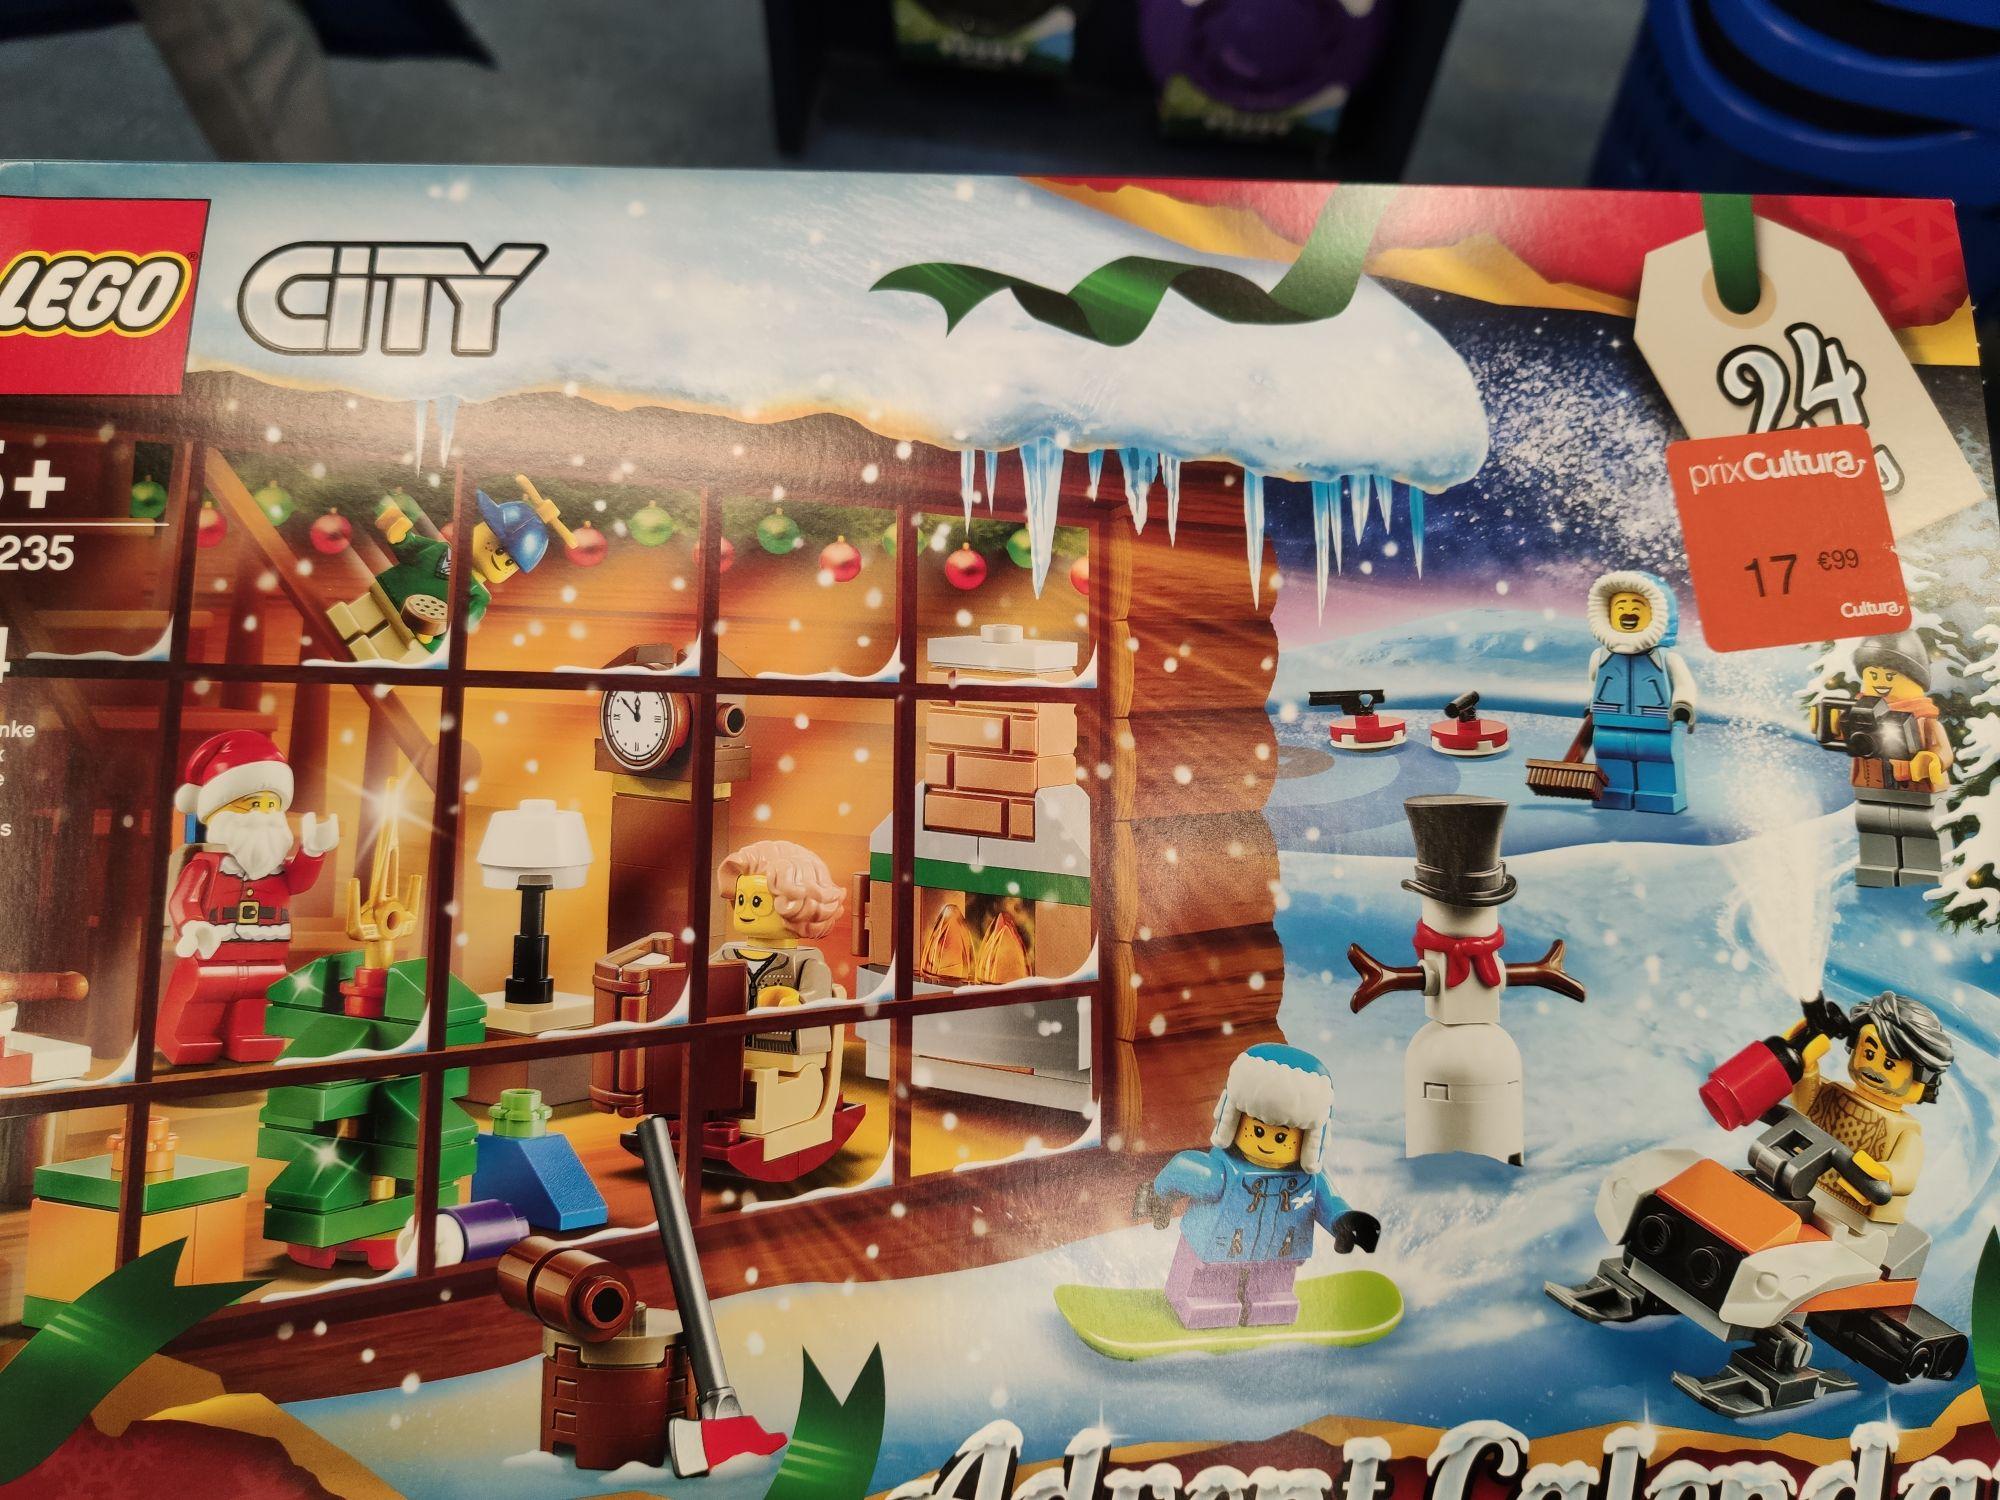 Calendrier De L Avent Lego City 2020.Promo Calendrier De L Avent Lego Black Friday 2019 Bons